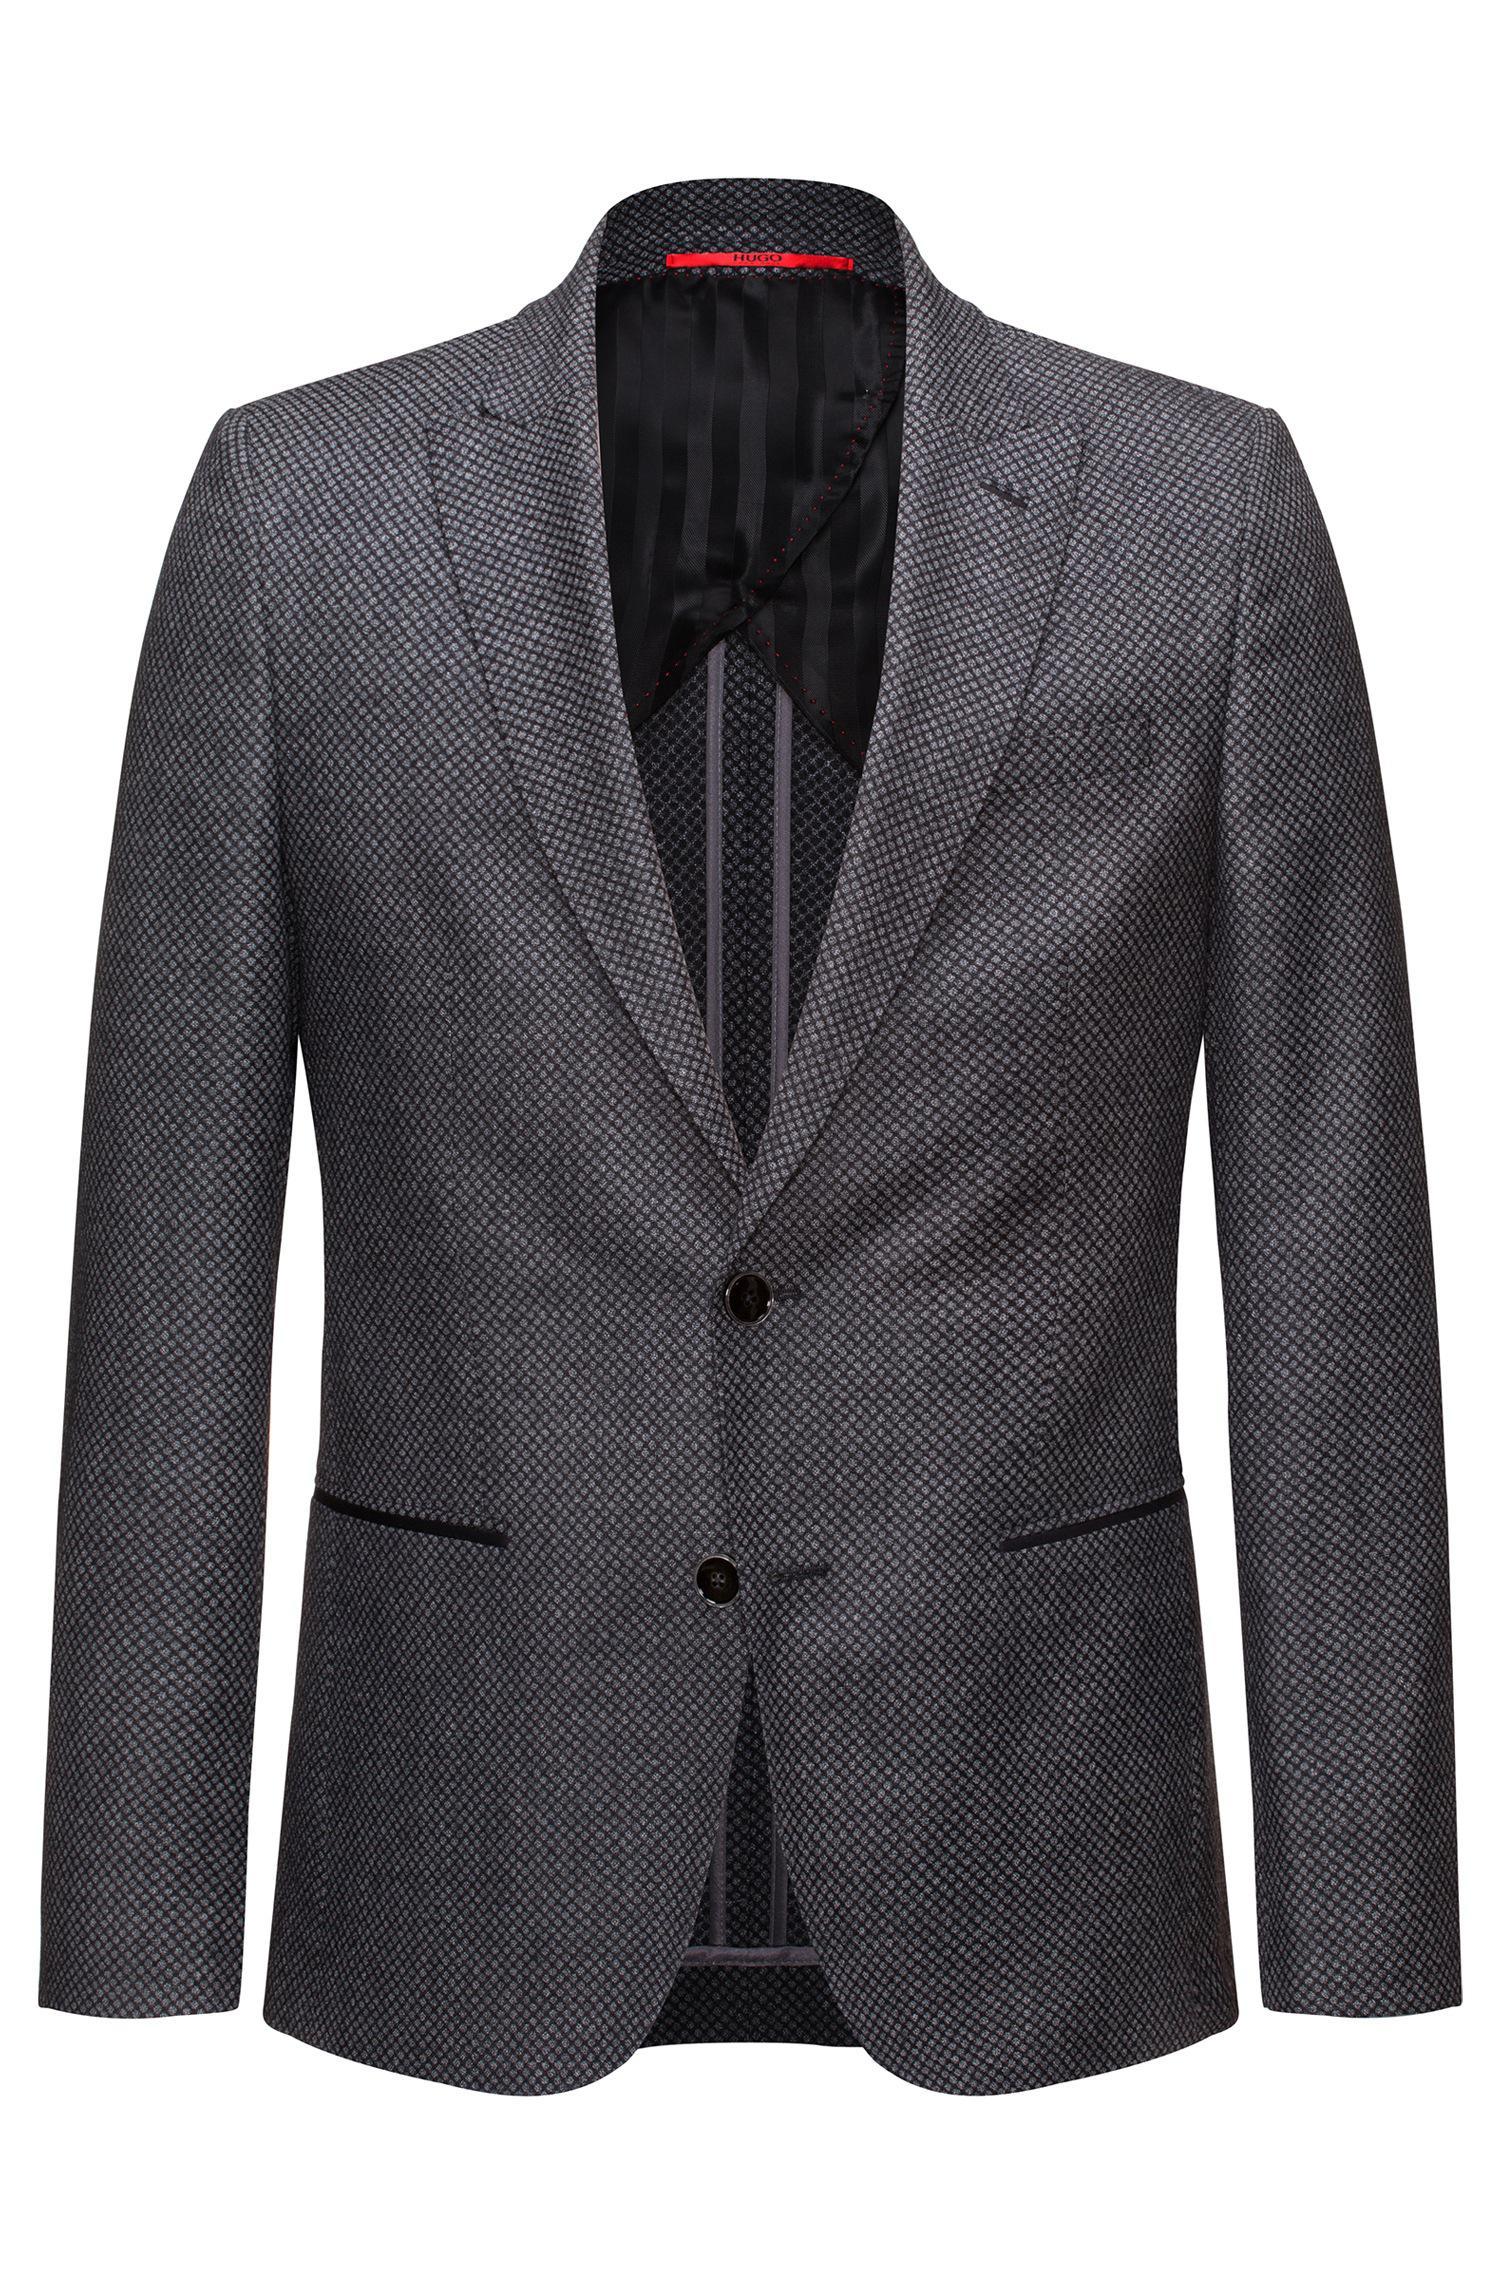 Hugo Slim-fit Half-lined Jacket In Virgin Wool In Grey For Men | Lyst